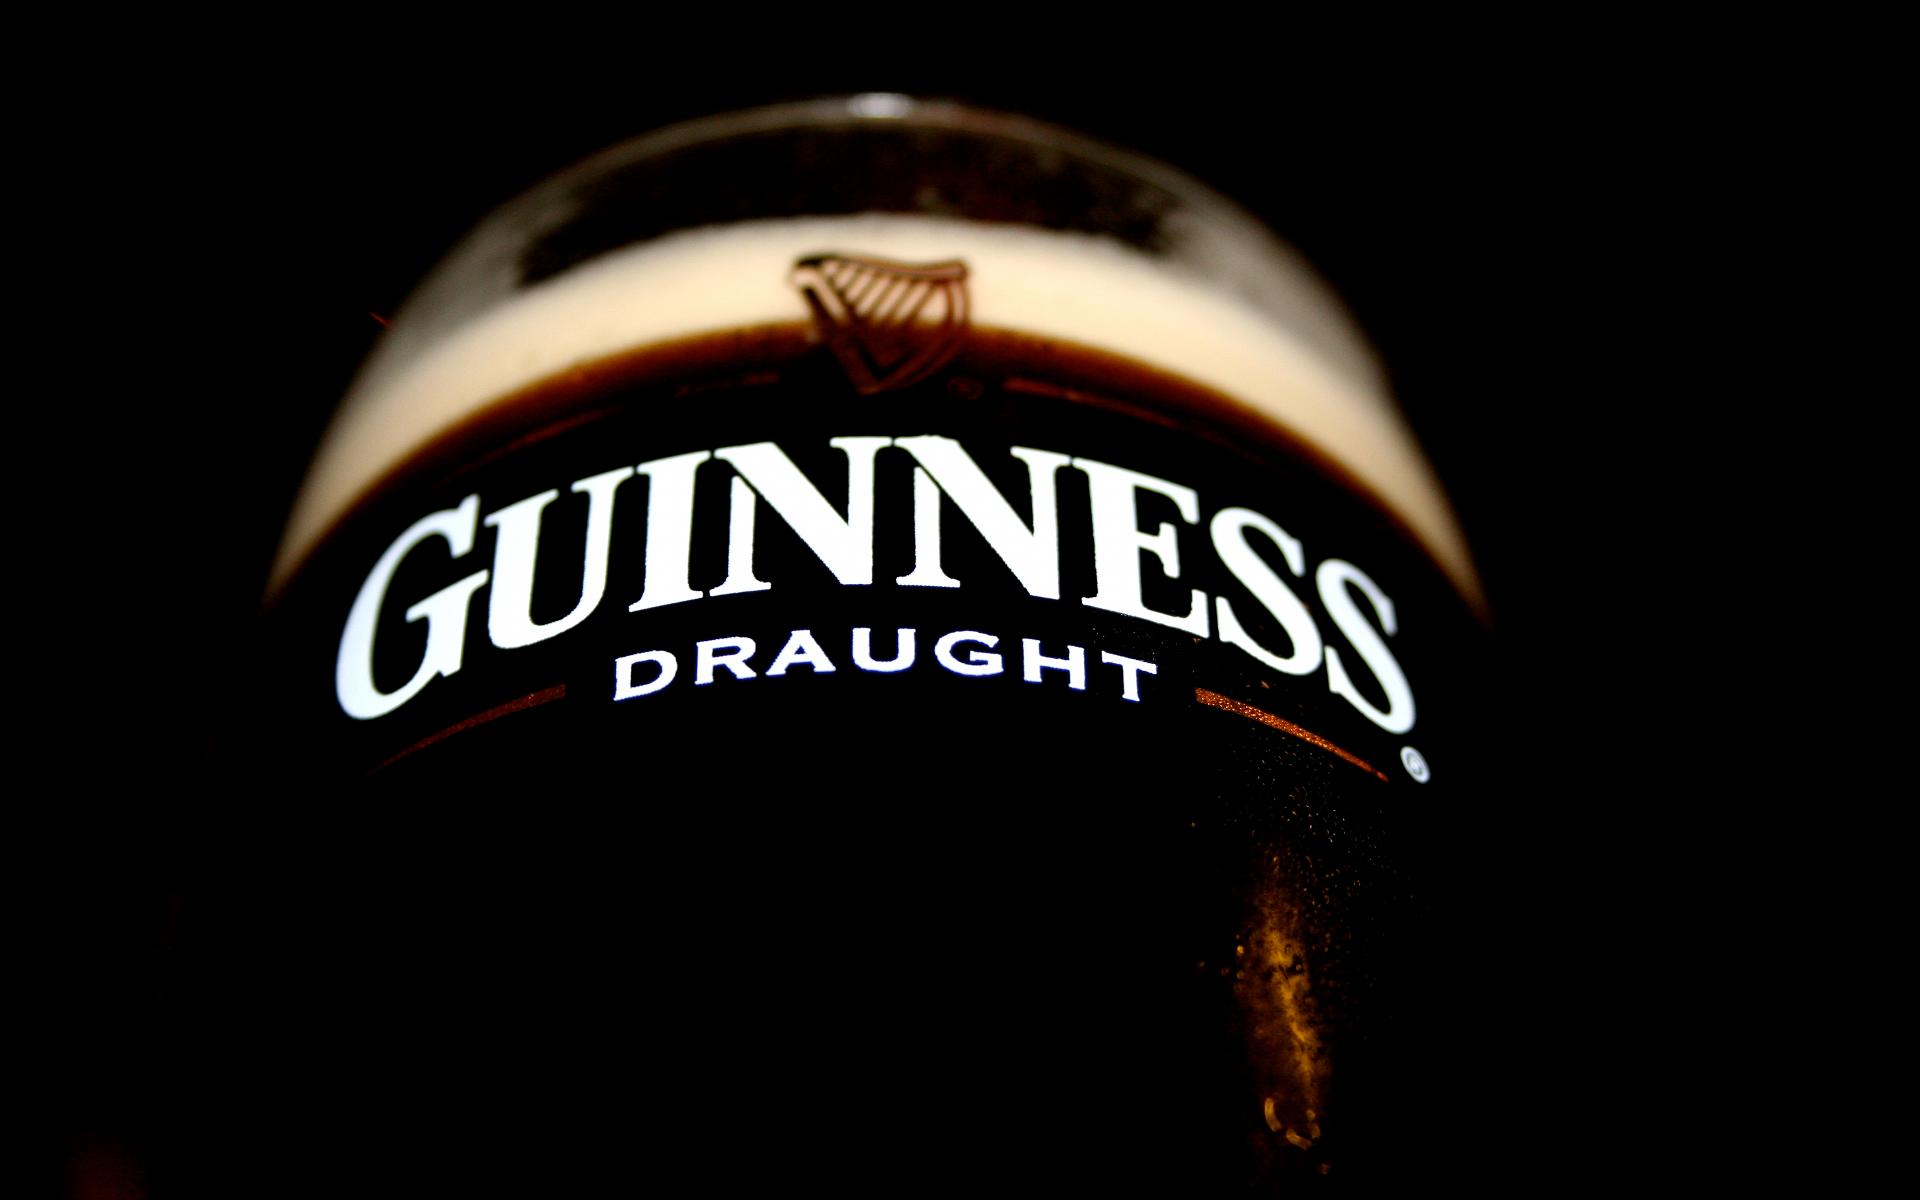 Irish Beer wallpapers and imagesIrish Beer